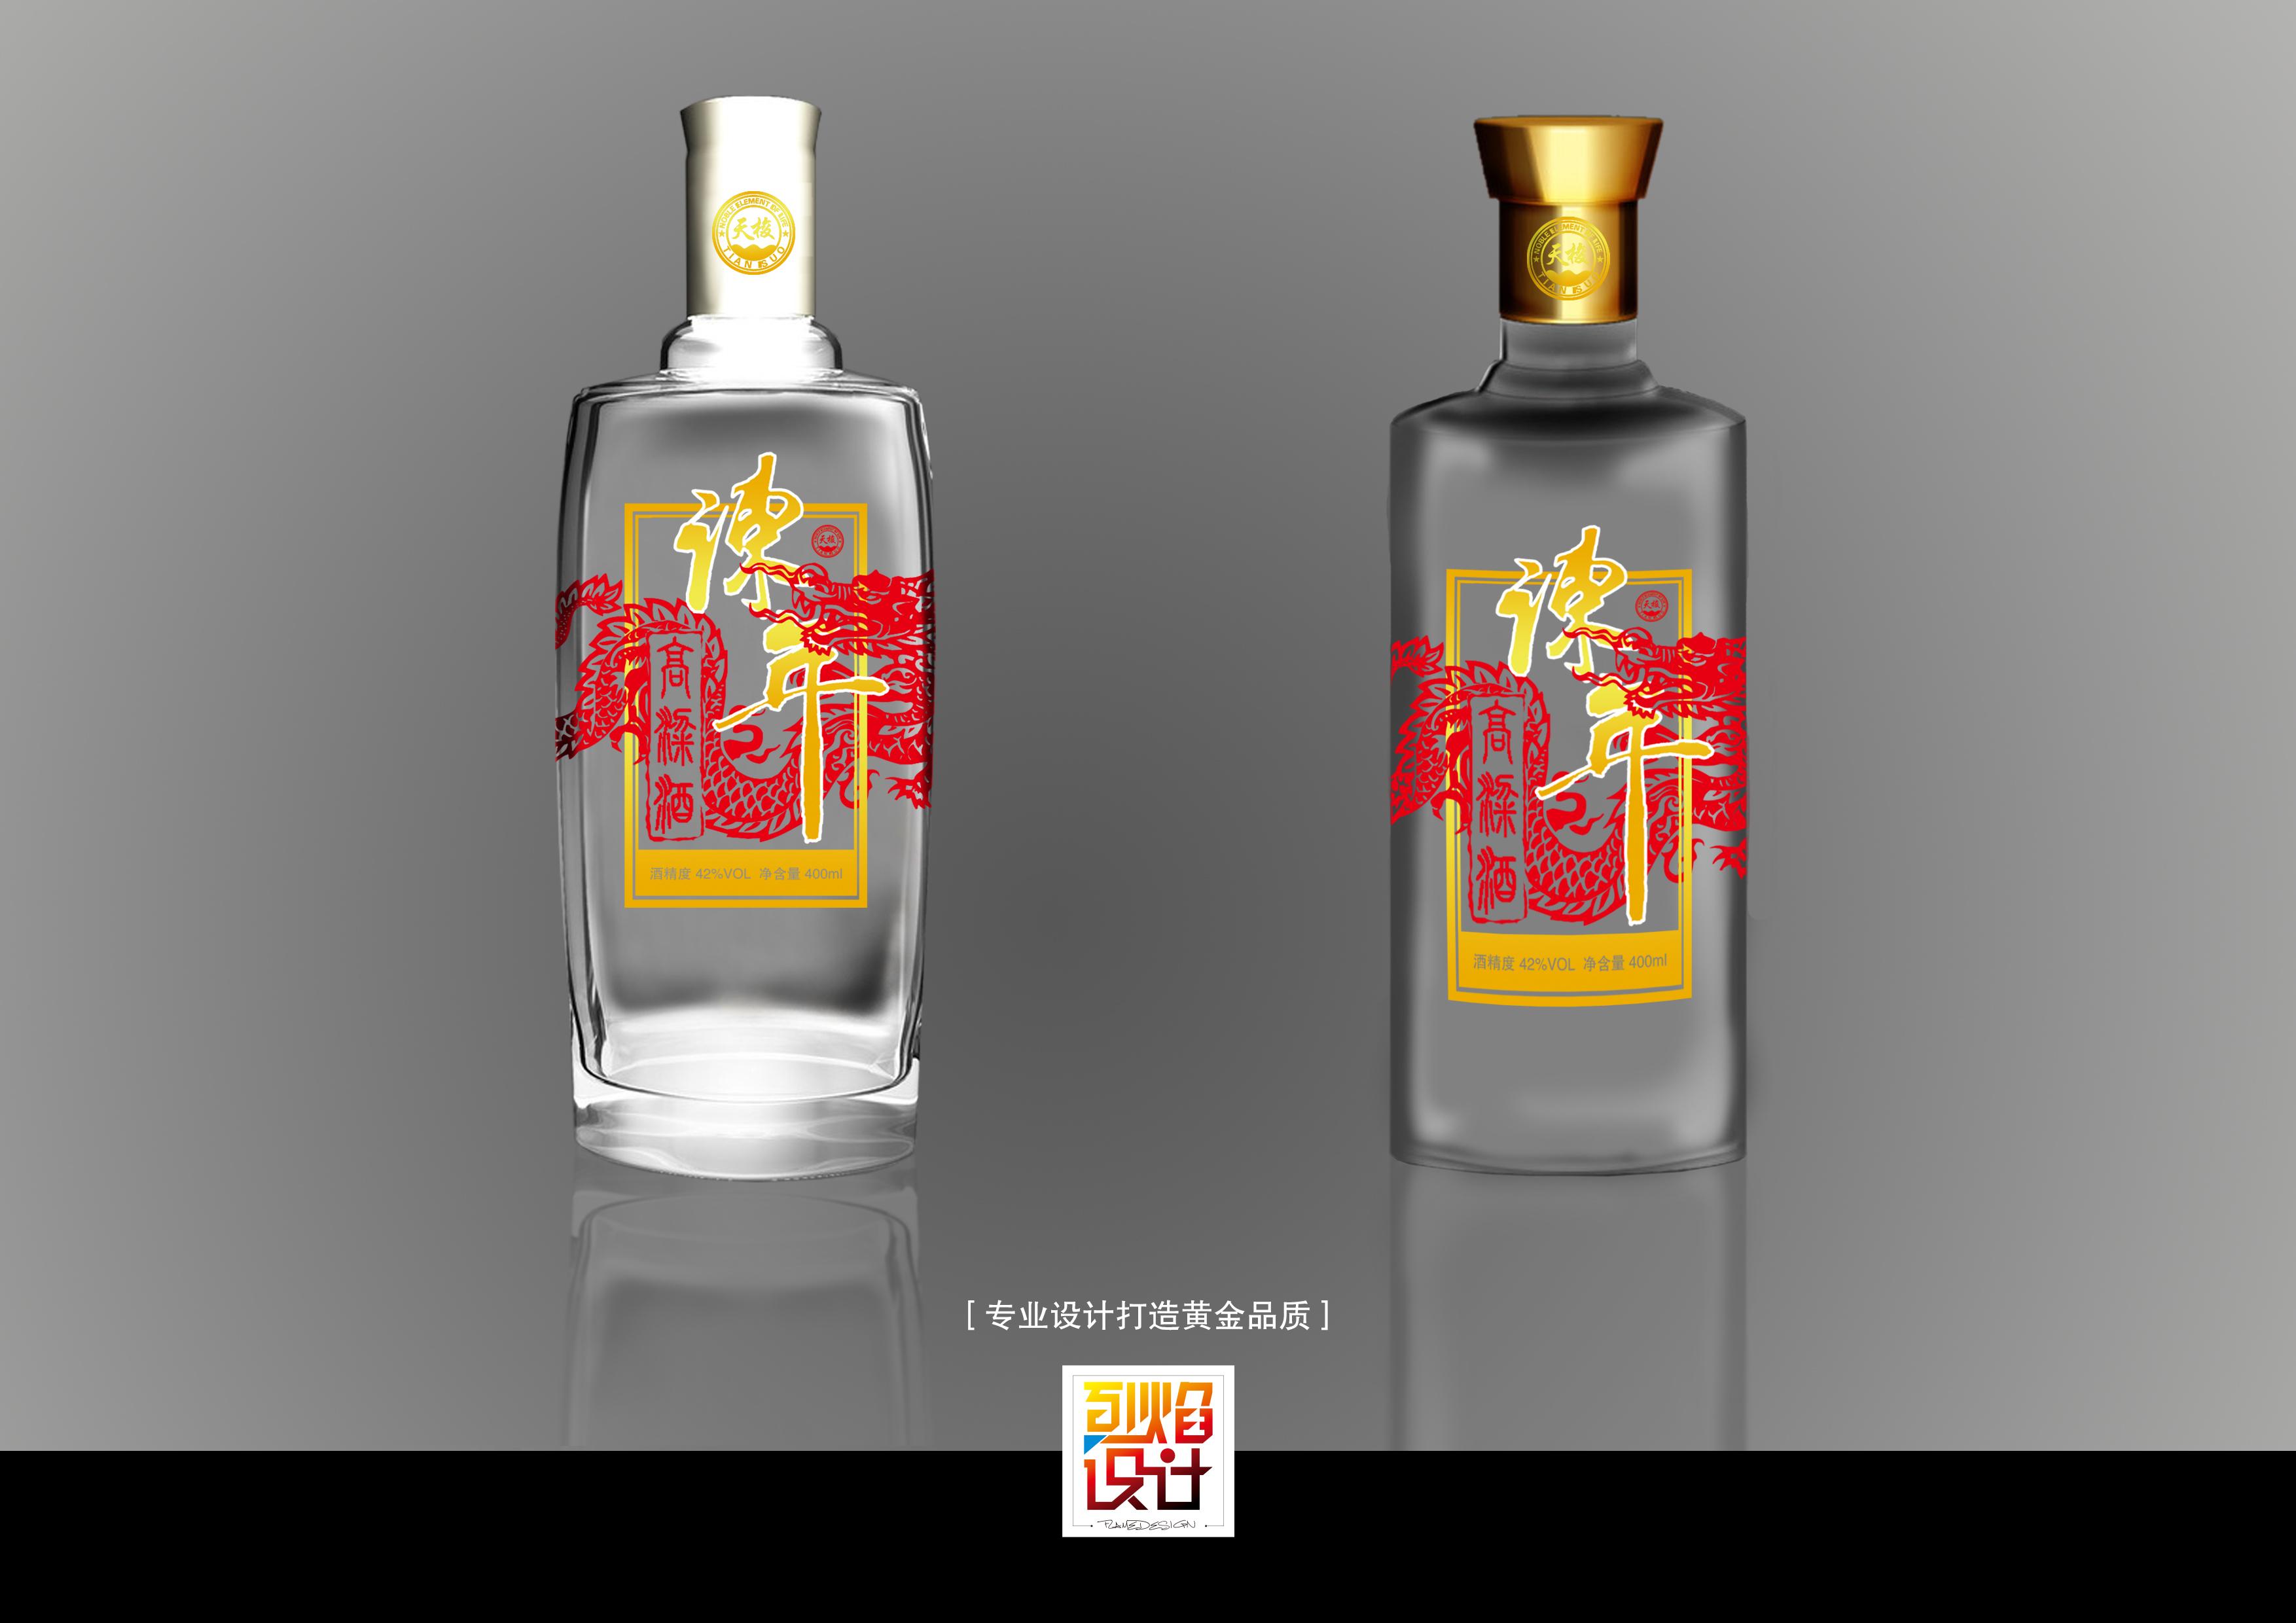 白酒产品瓶标设计